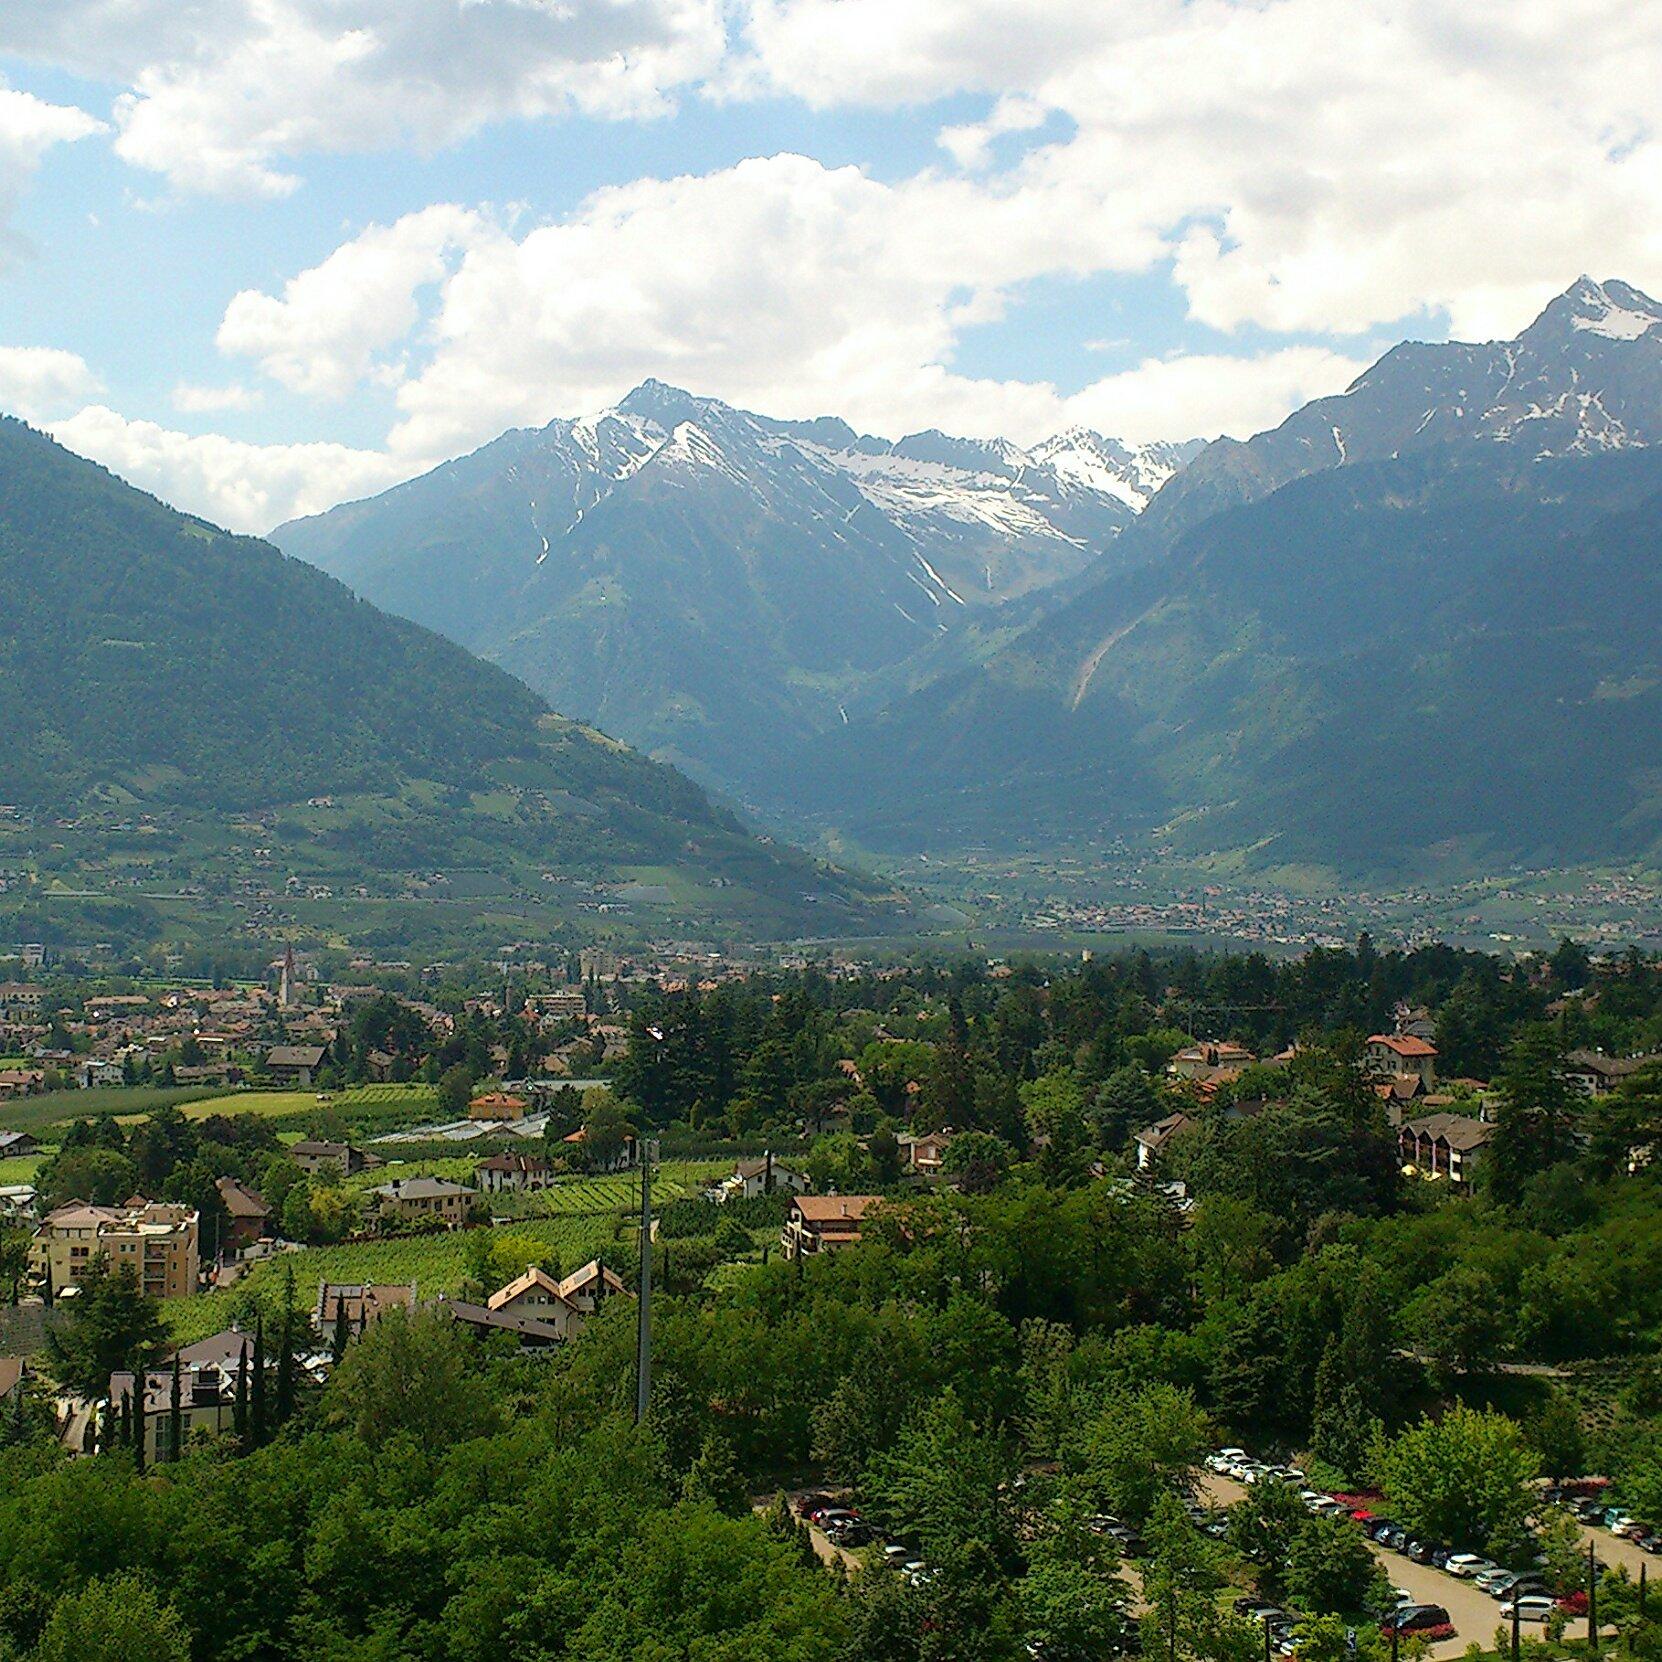 Vista dall'Hotel Villa Tivoli - Merano